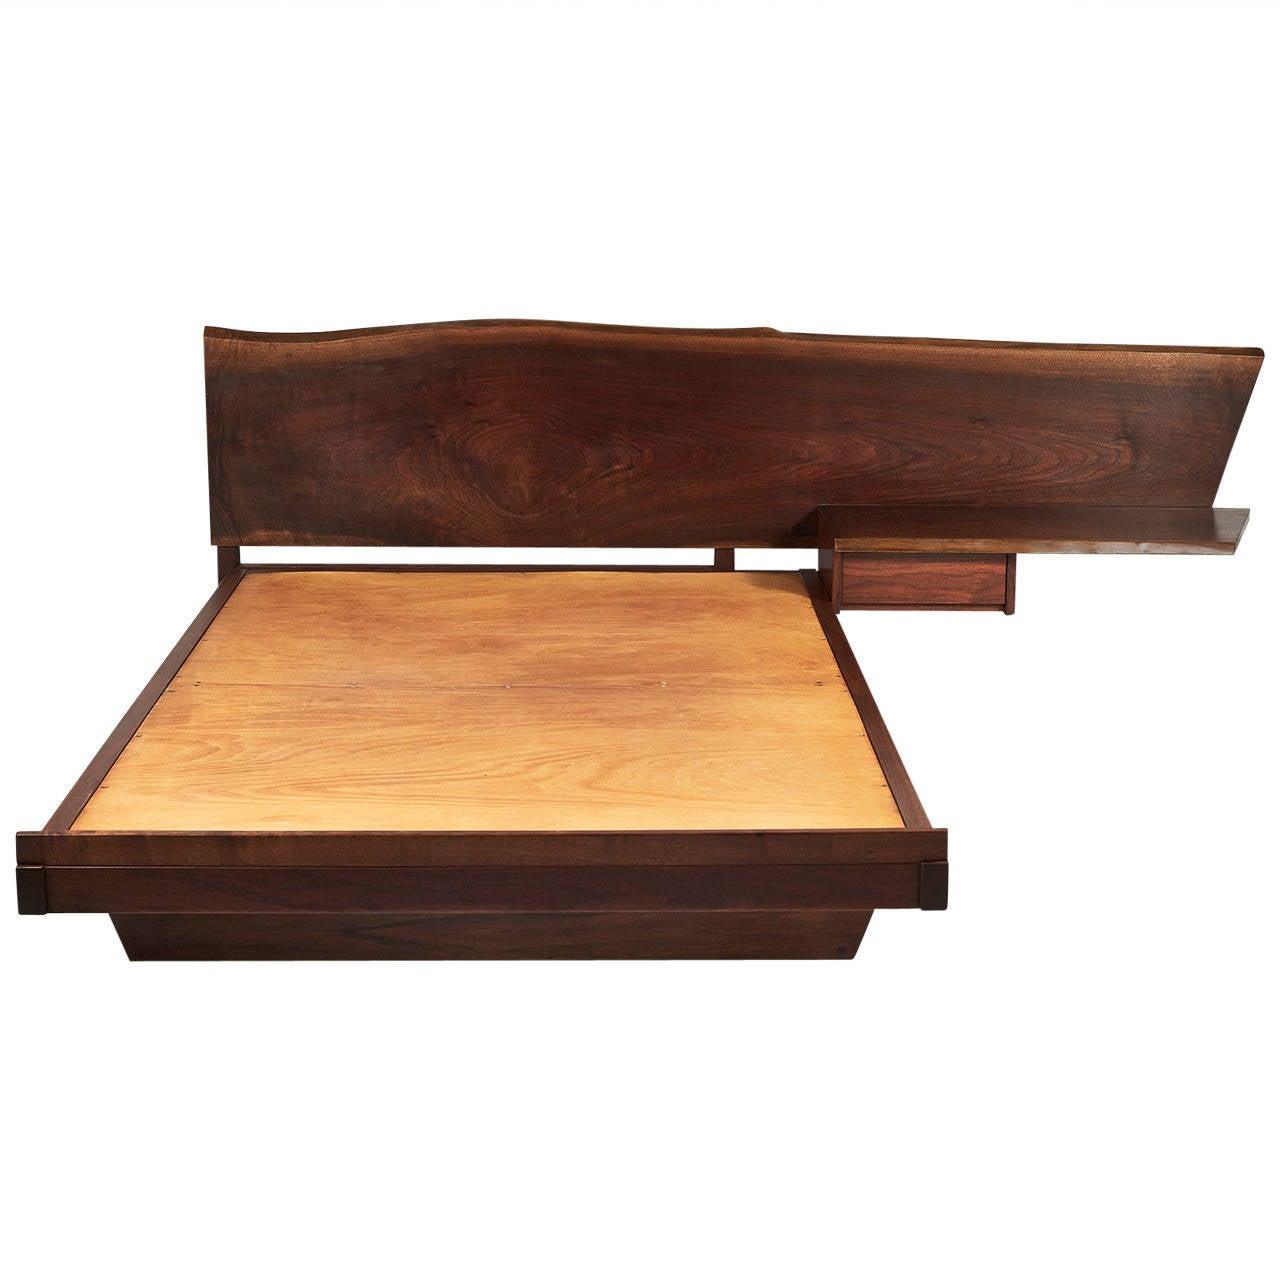 George nakashima platform bed with cantilevered slab for Bed slab